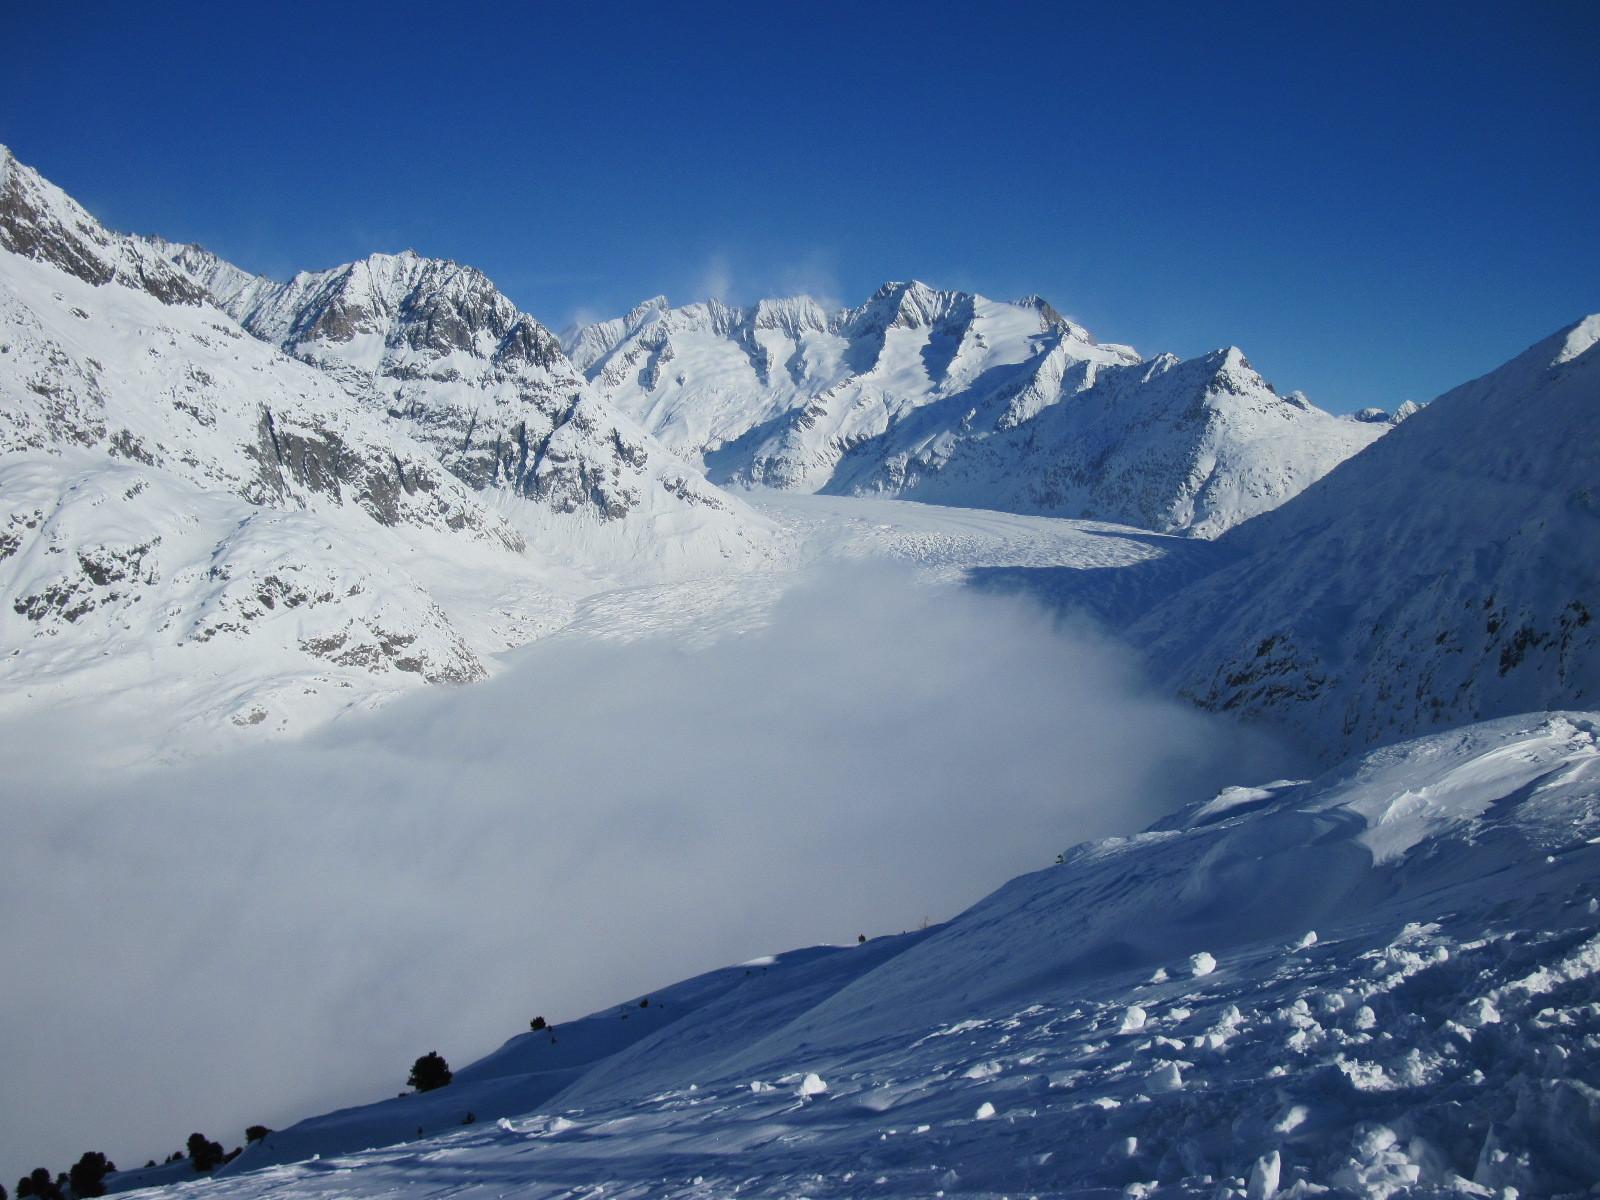 Der Nebel zieht über den grossen Aletschgletscher